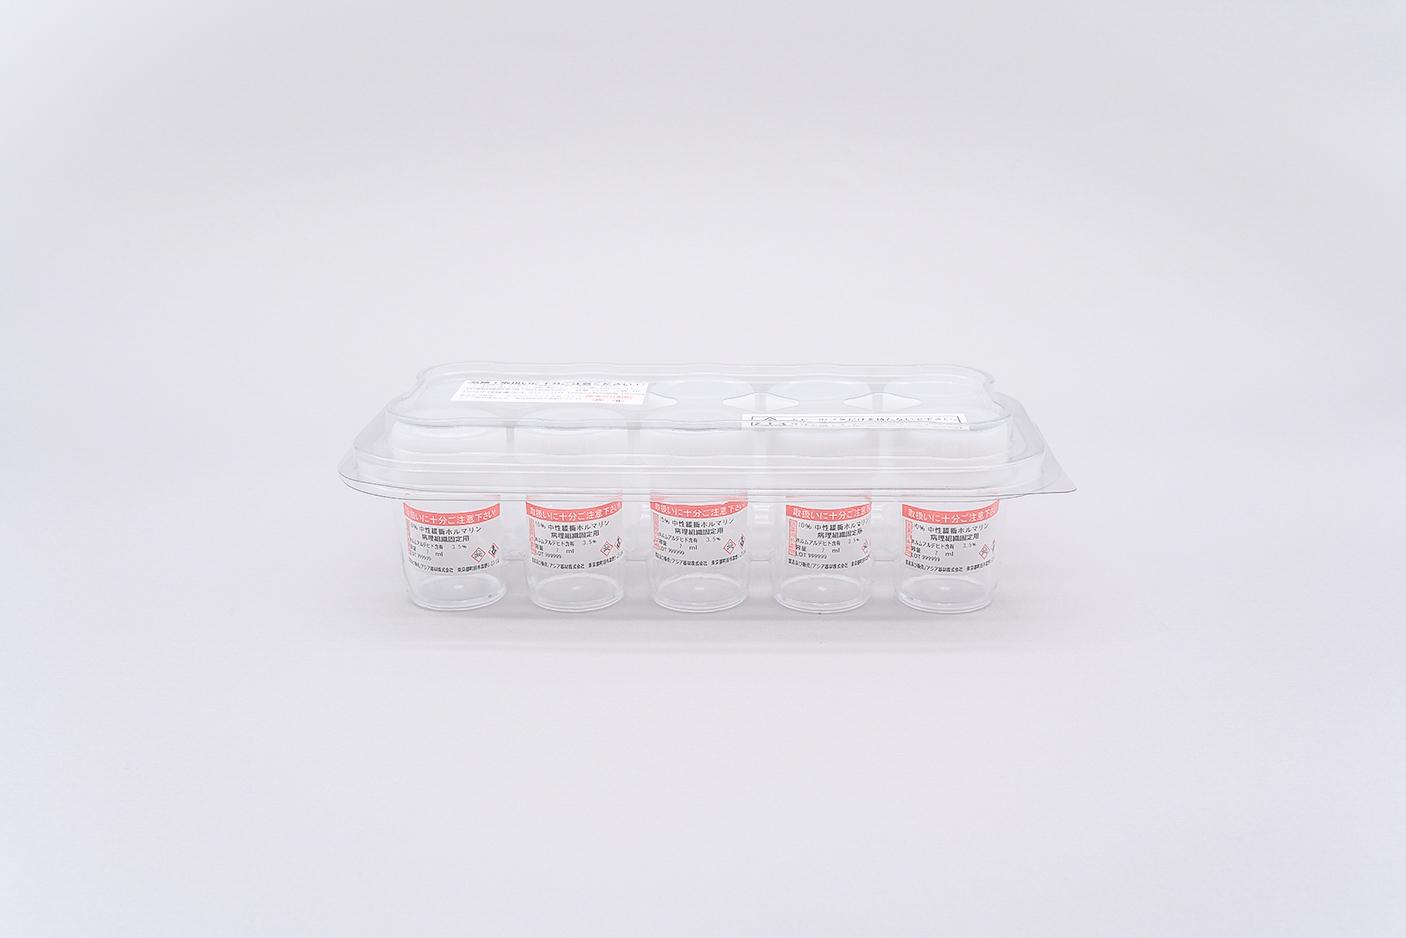 ホルマリン 分注済み 中性緩衝ホルマリン 固定用 パック 2